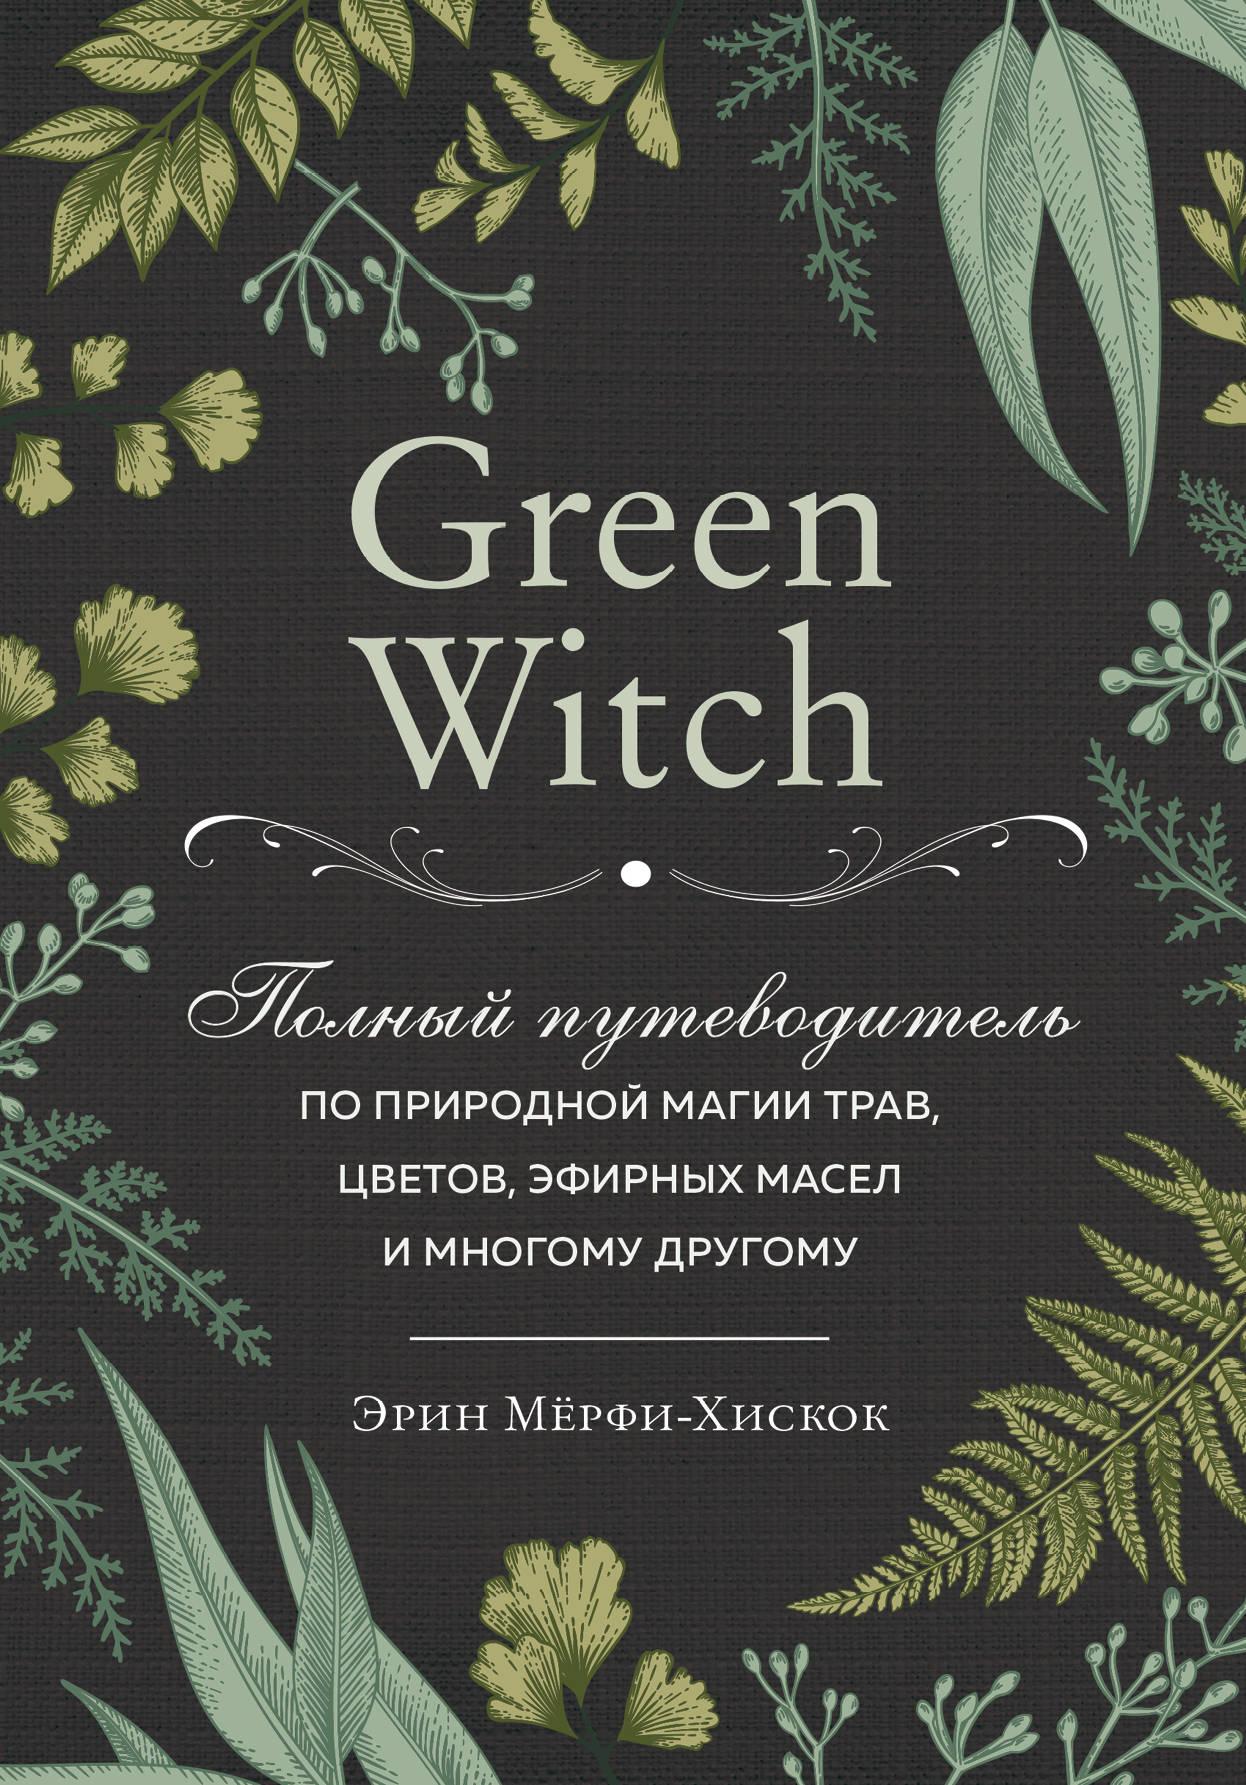 Green Witch. Polnyj putevoditel po prirodnoj magii trav, tsvetov, efirnykh masel i mnogomu drugomu